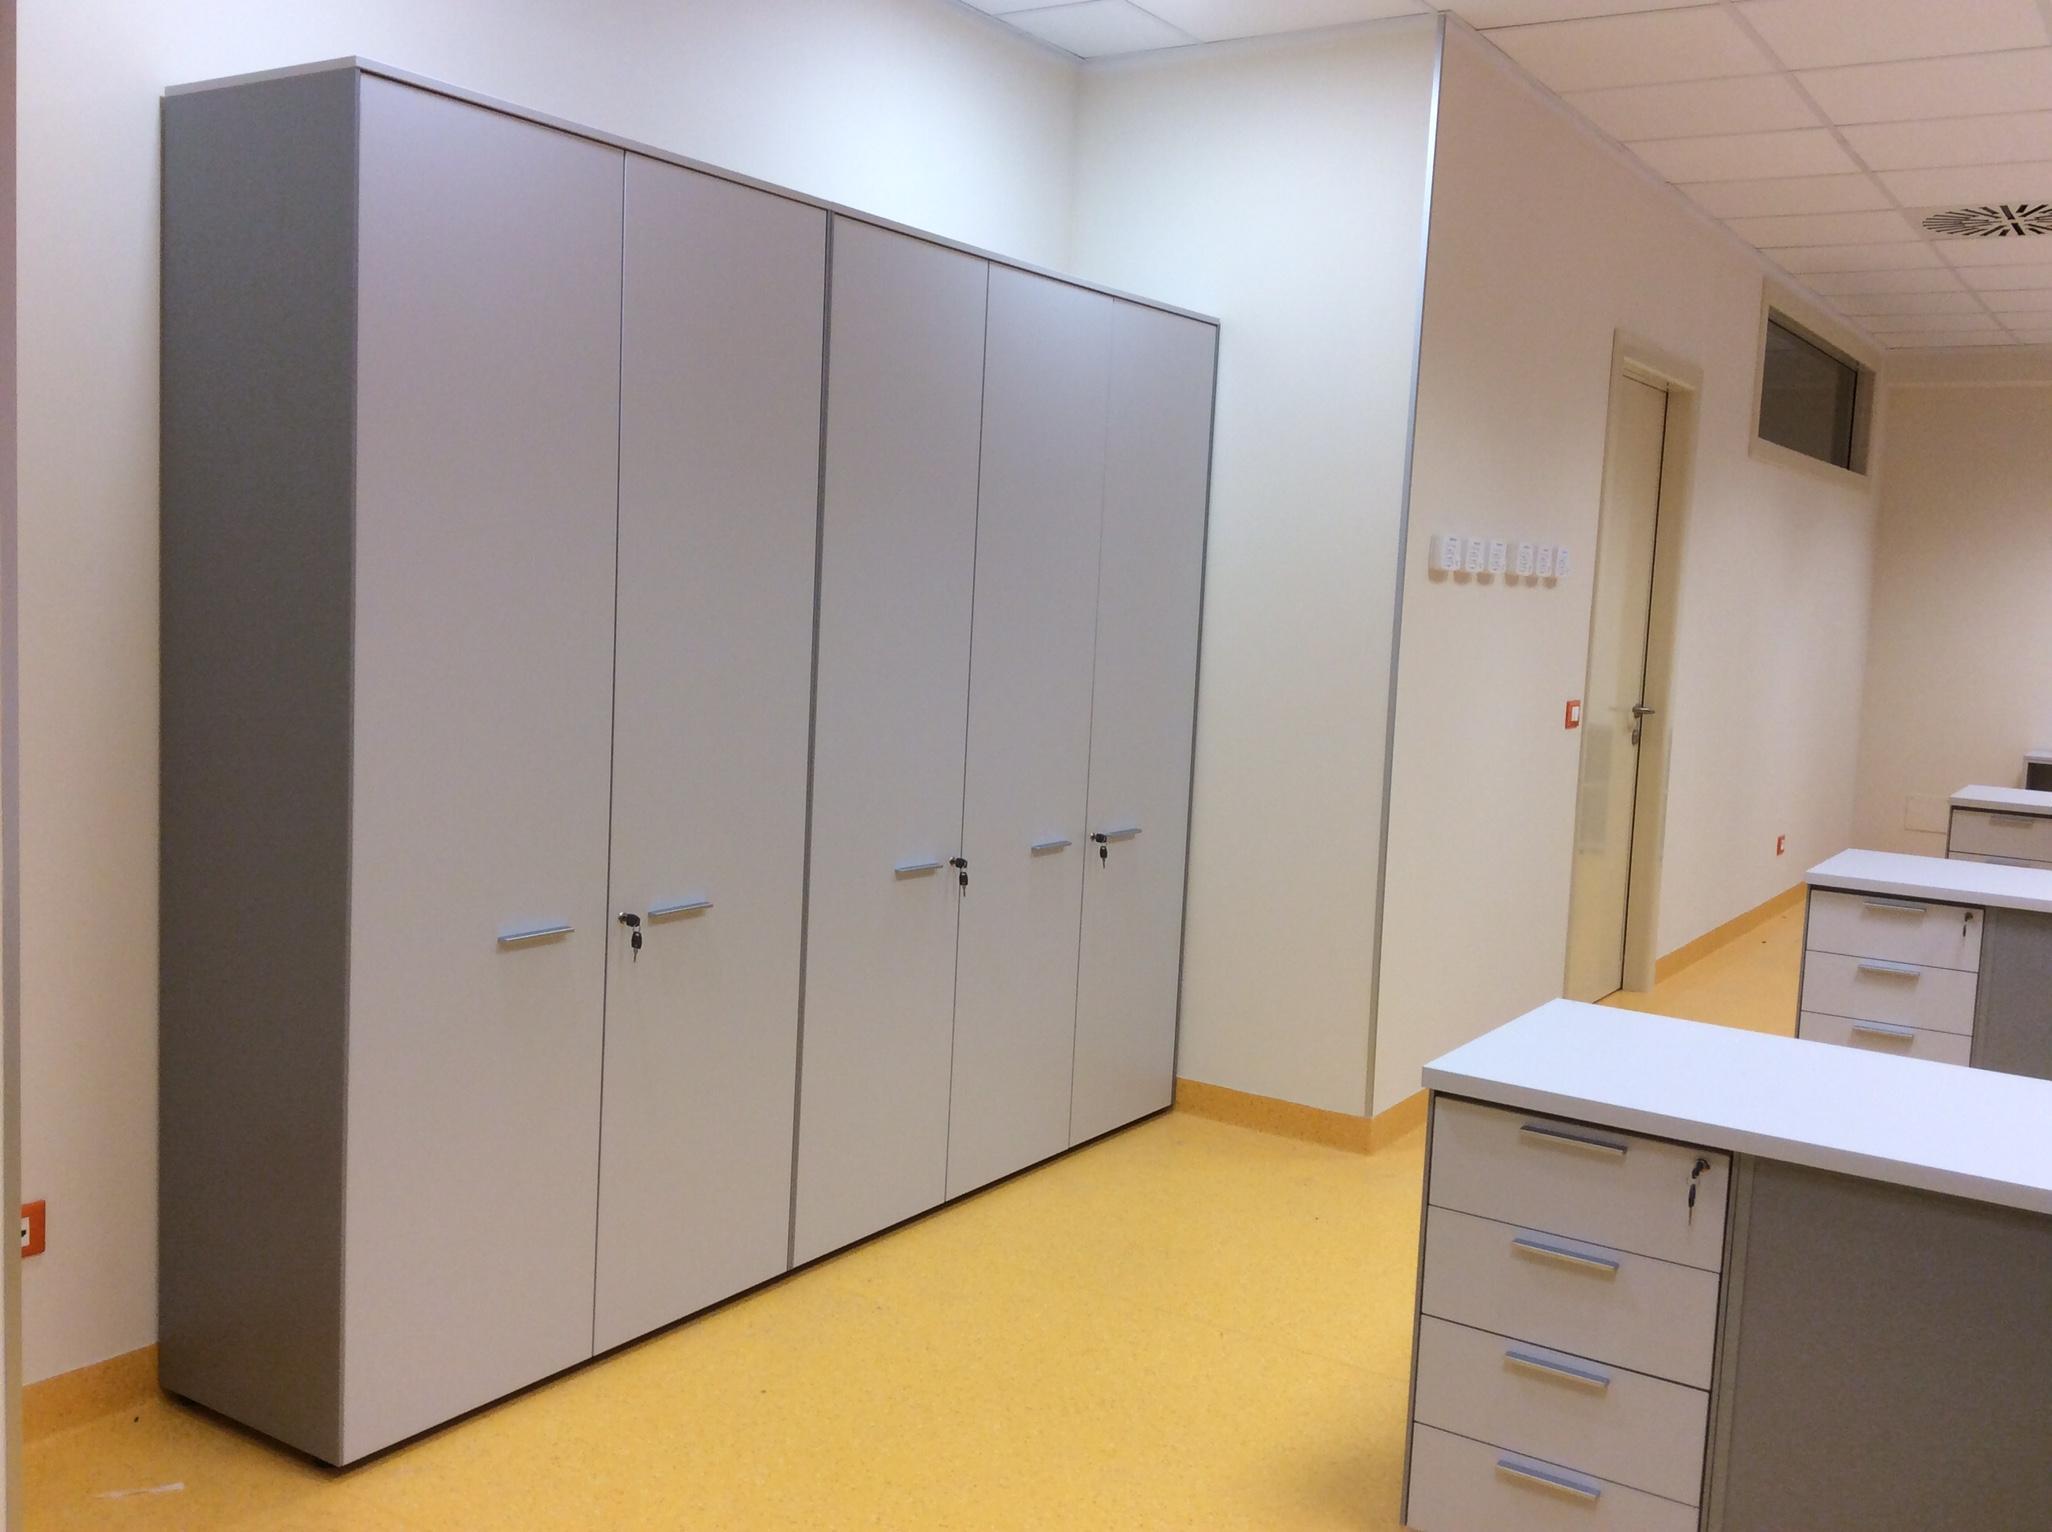 21 Armadio arredamento accettazione ospedale - Riganelli Arredamenti